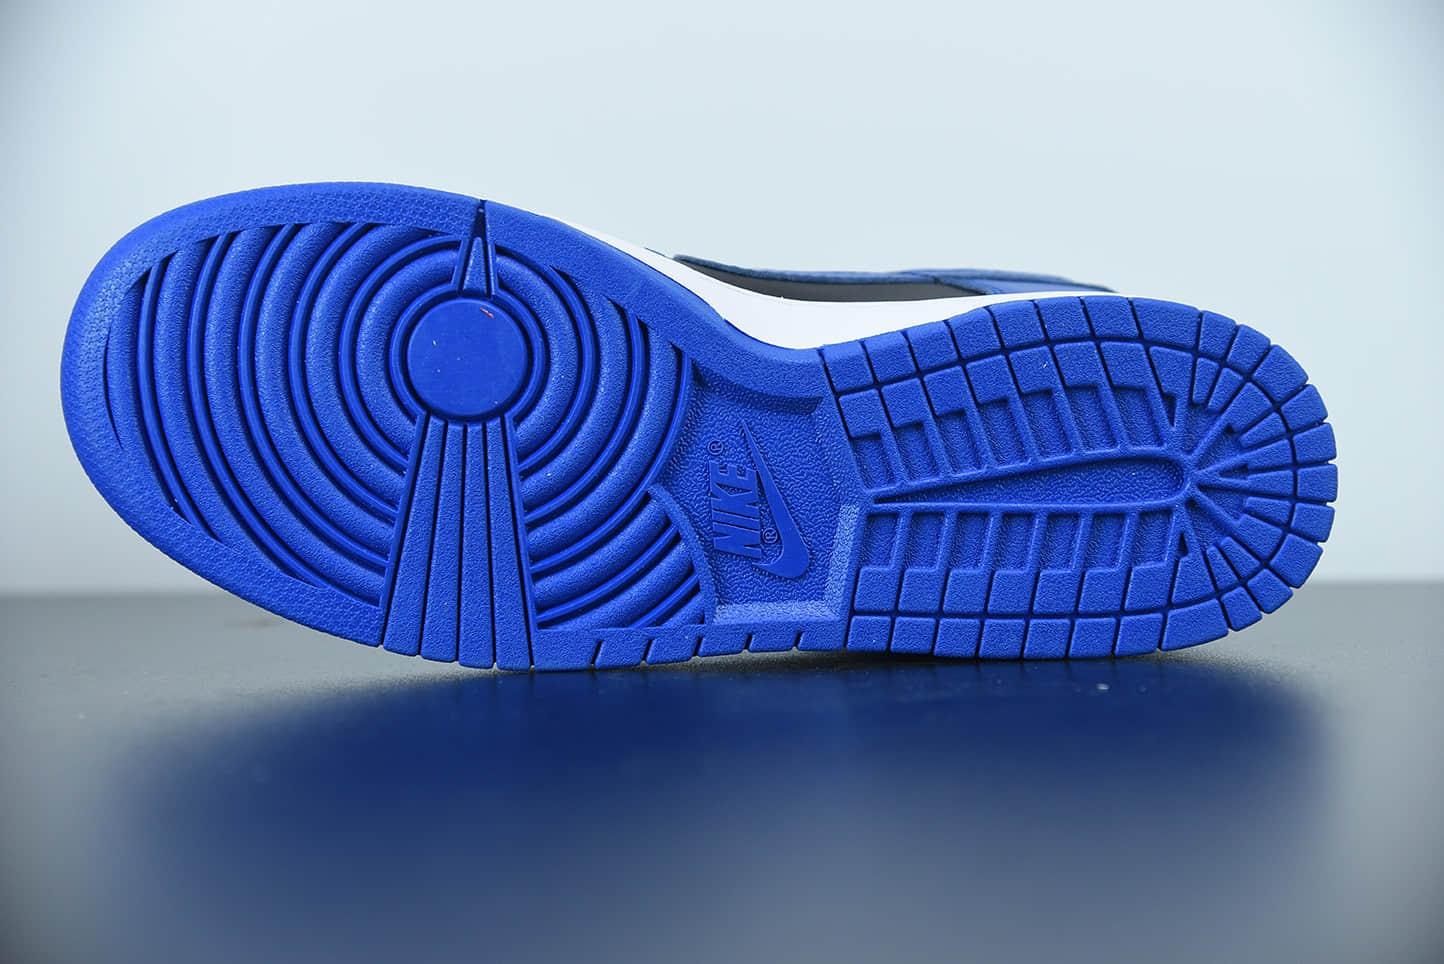 耐克Nike SB Dunk Low PRO QS扣篮系列低帮黑蓝休闲运动滑板板鞋纯原版本 货号:DD1391-001